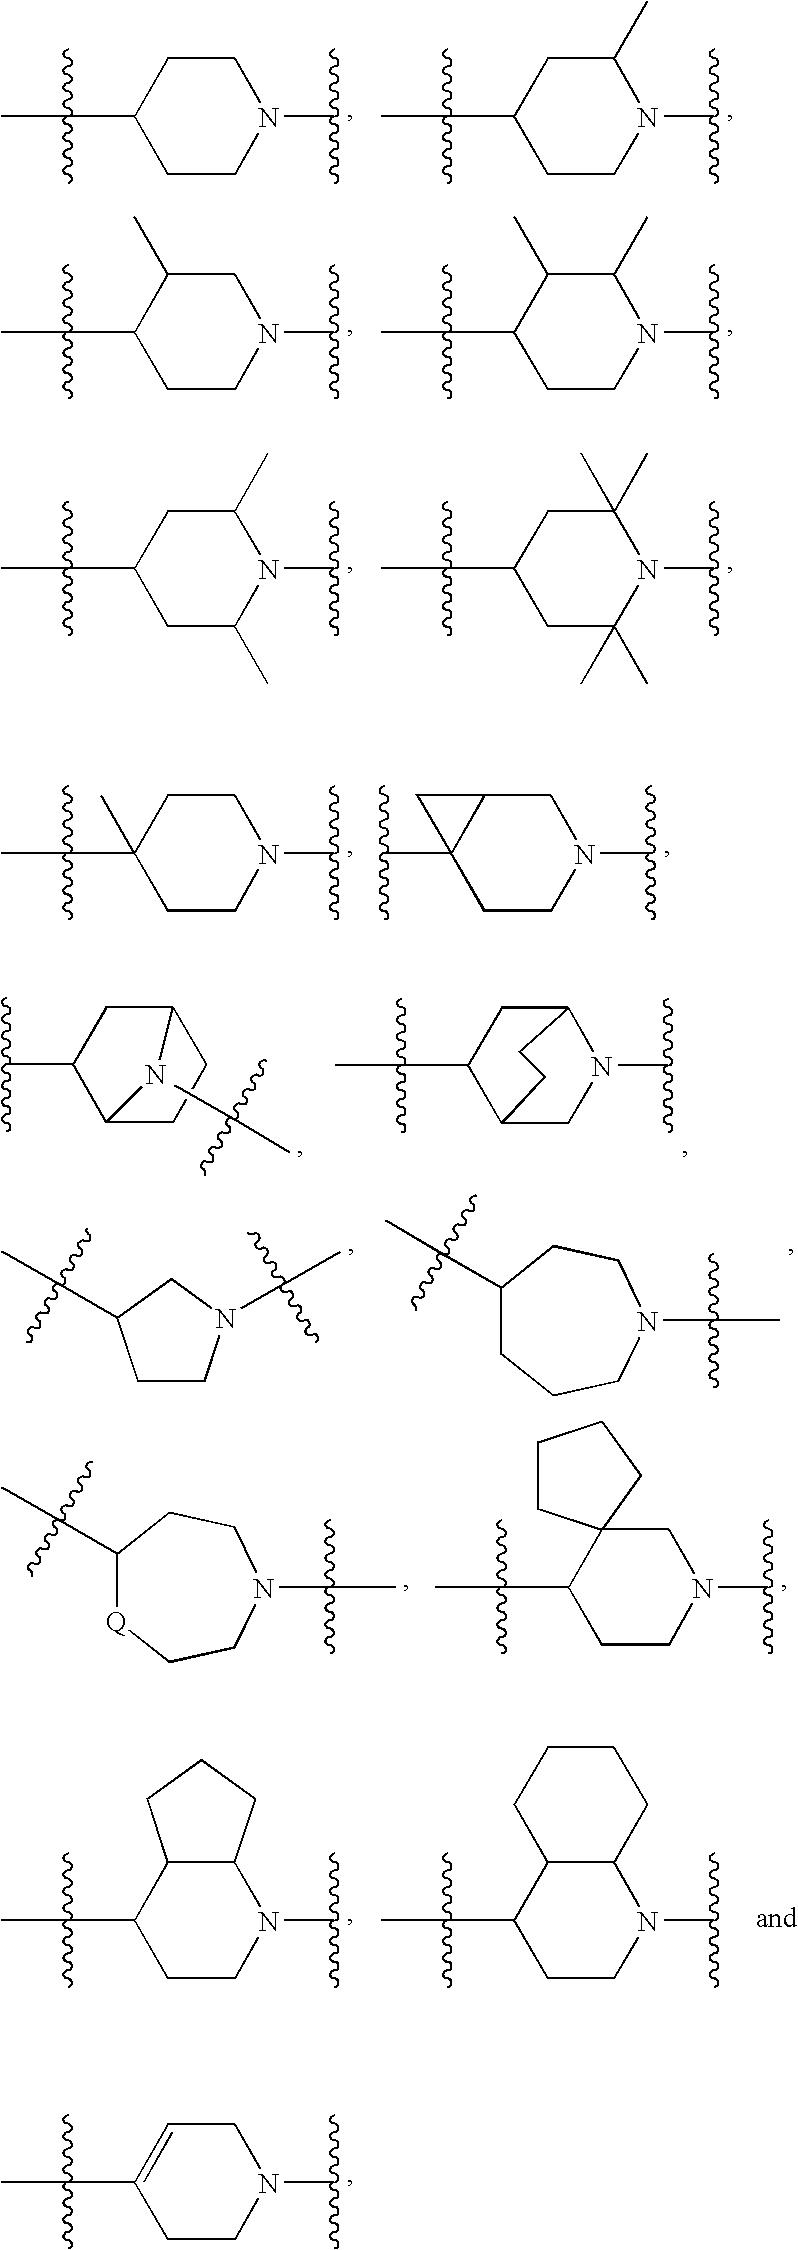 Figure US20080280925A1-20081113-C00216